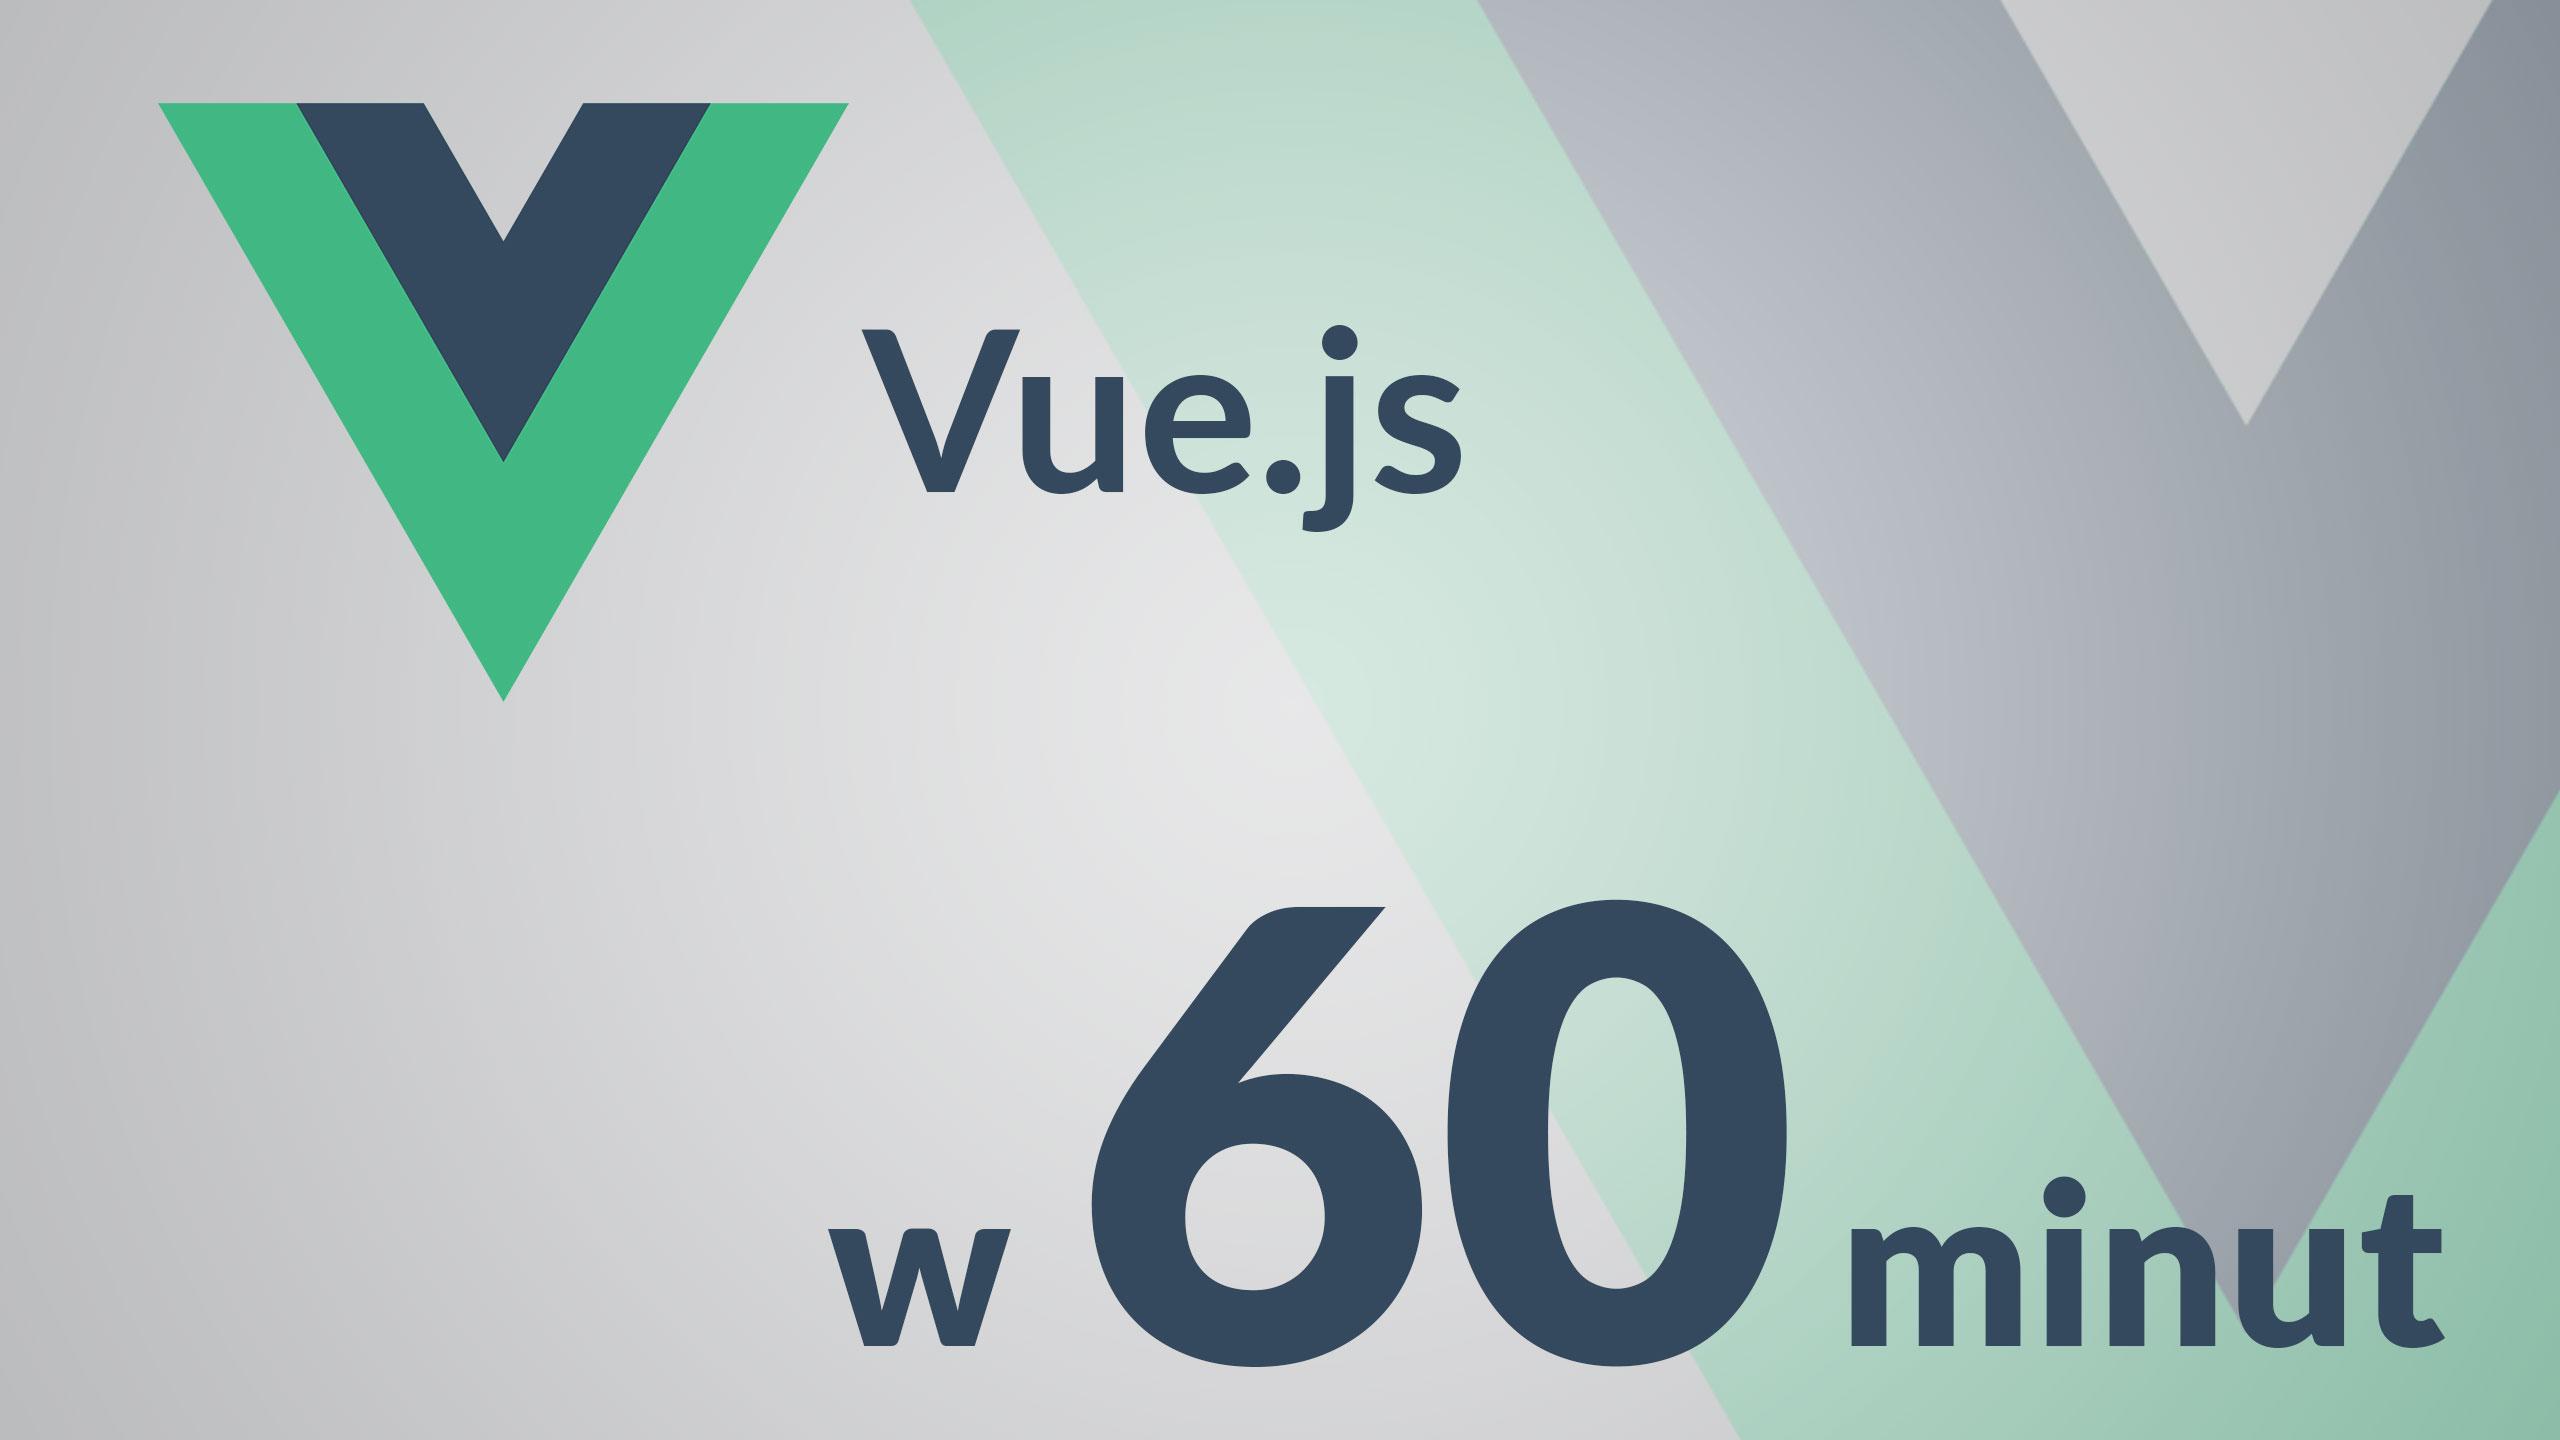 vue - Vue.js - kurs w 60 minut